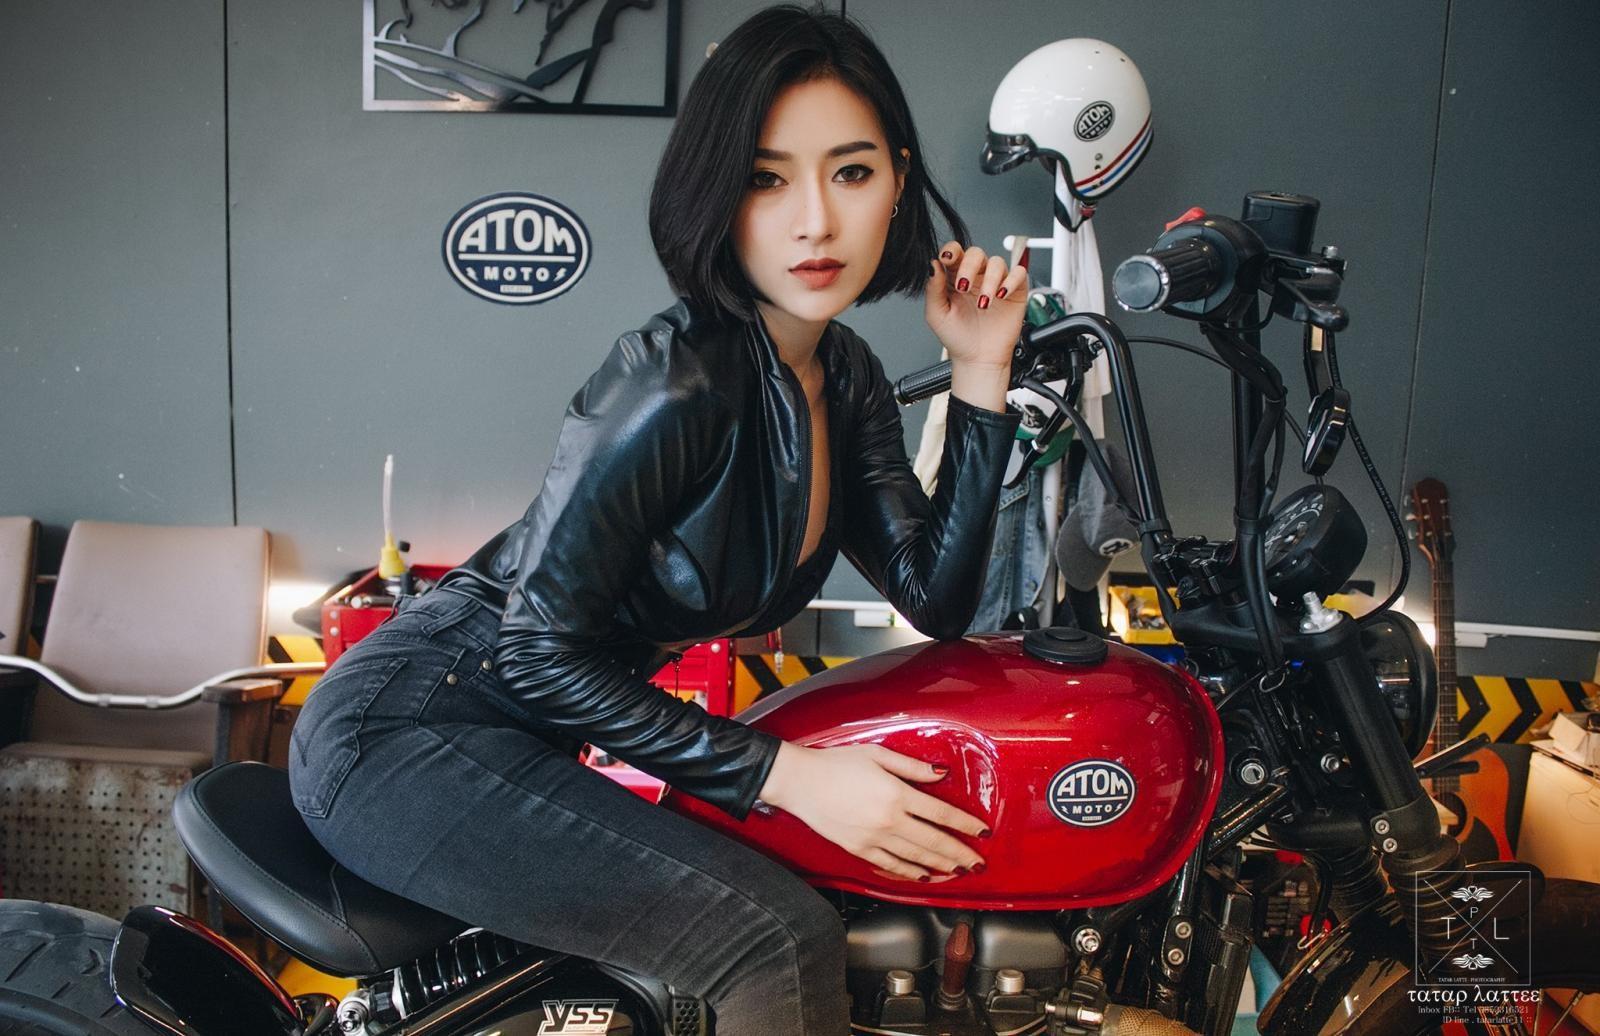 """Nữ biker """"vô tình"""" lộ vòng 1 nóng bỏng trong khi kiểm tra mô tô - 16"""